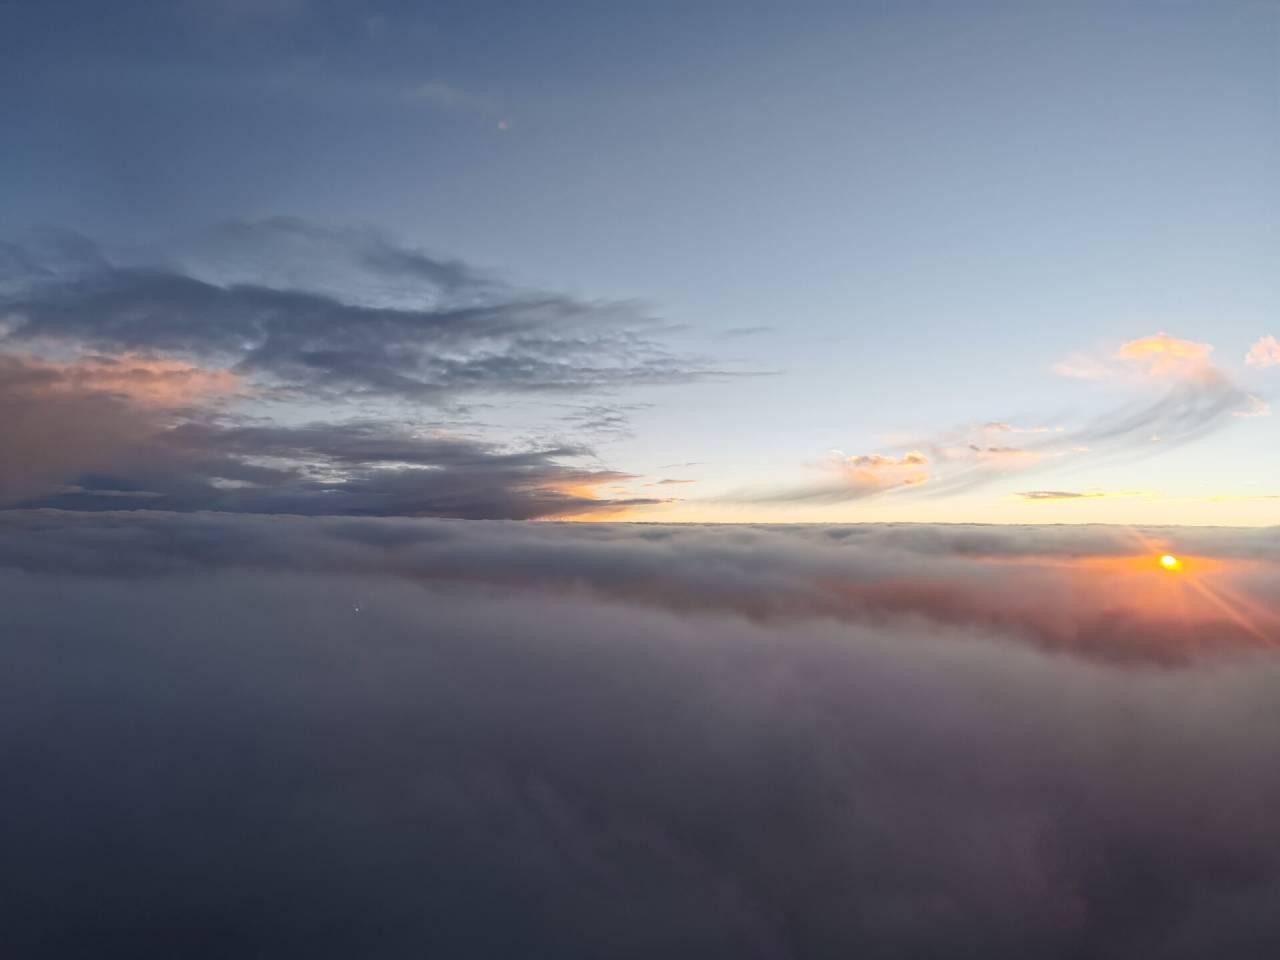 空中看落日2.jpg